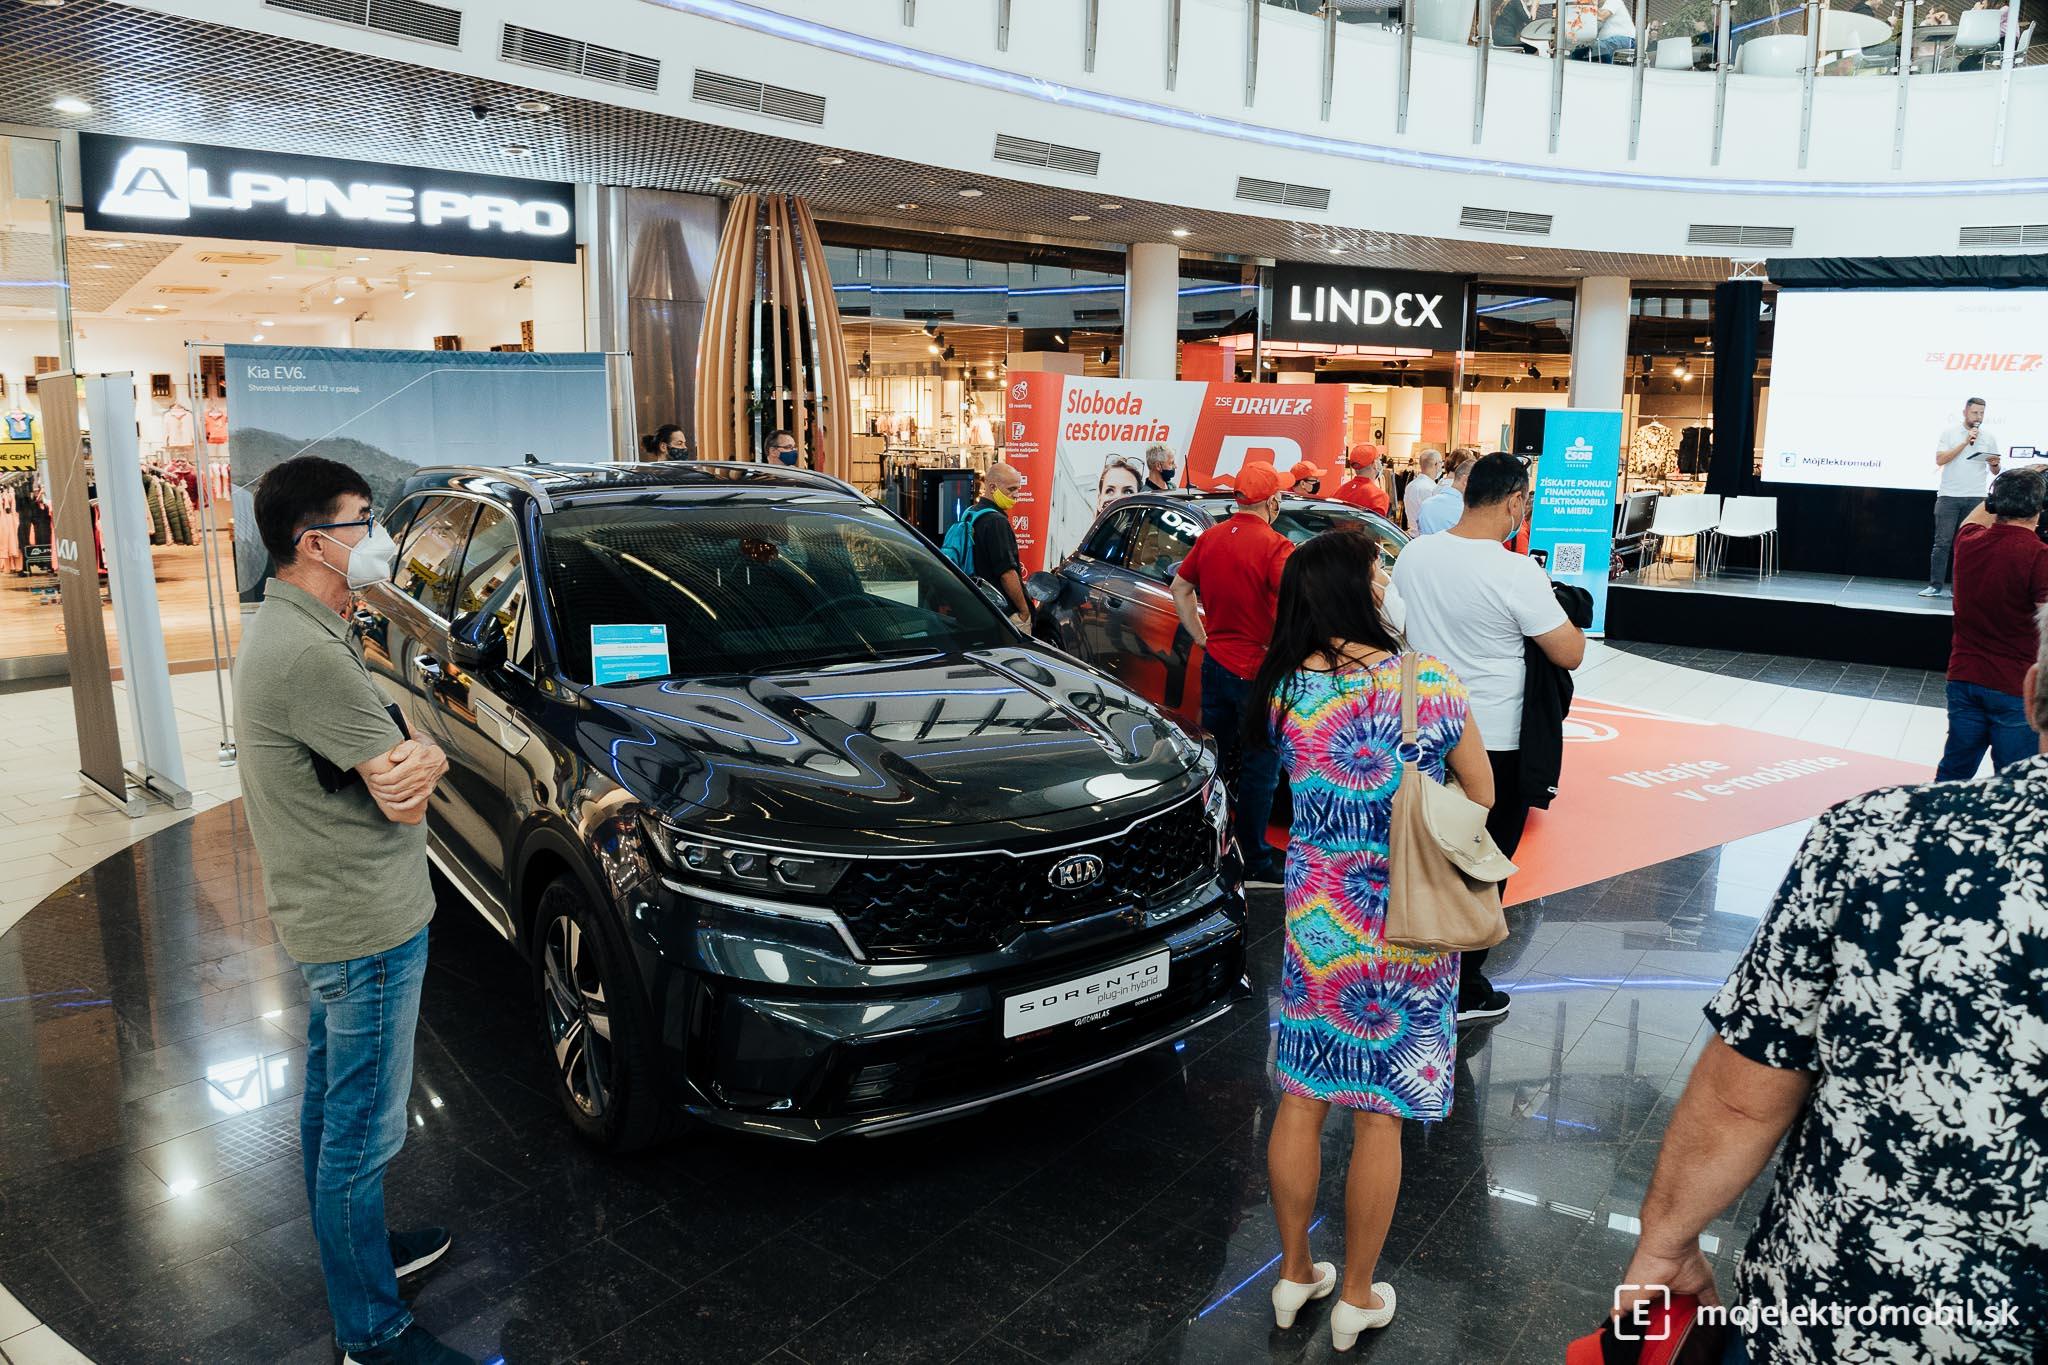 Kia Salon elektromobilov 2021 Kosice